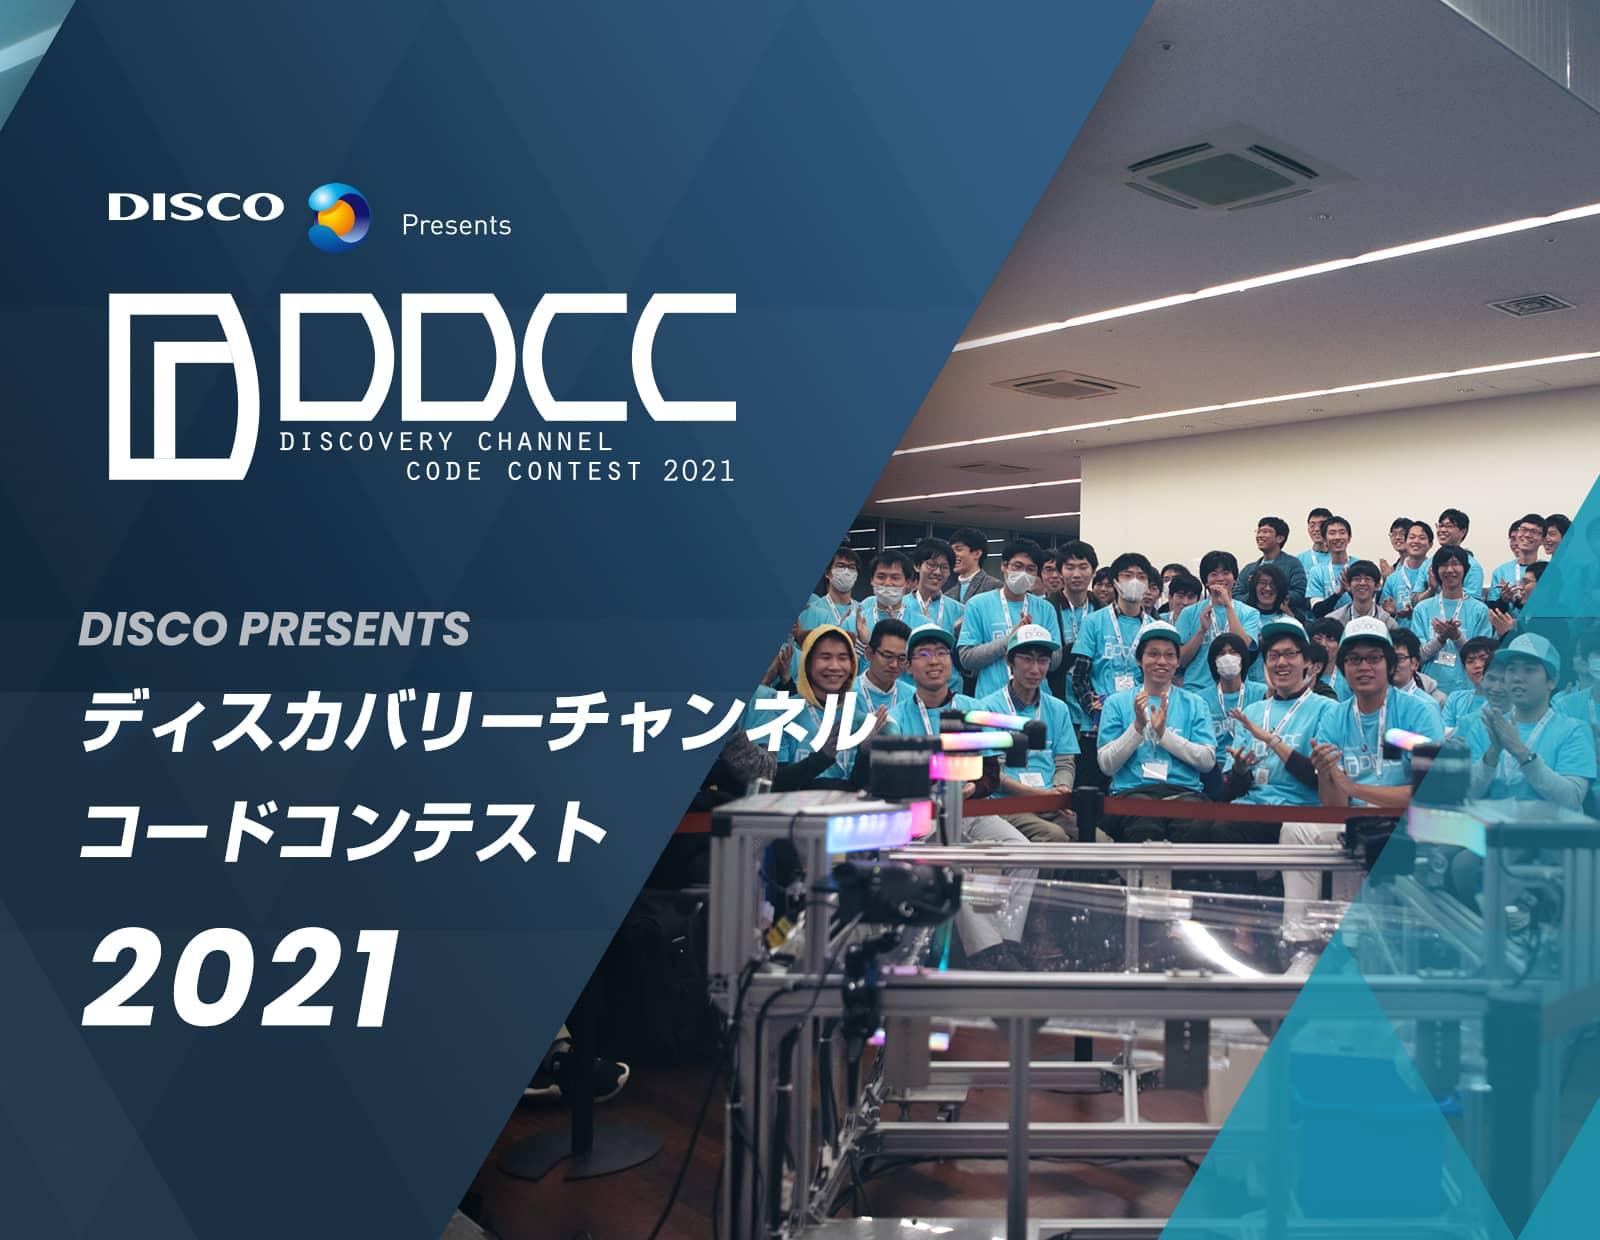 ディスカバリーチャンネル コードコンテスト2021 DDCC2021